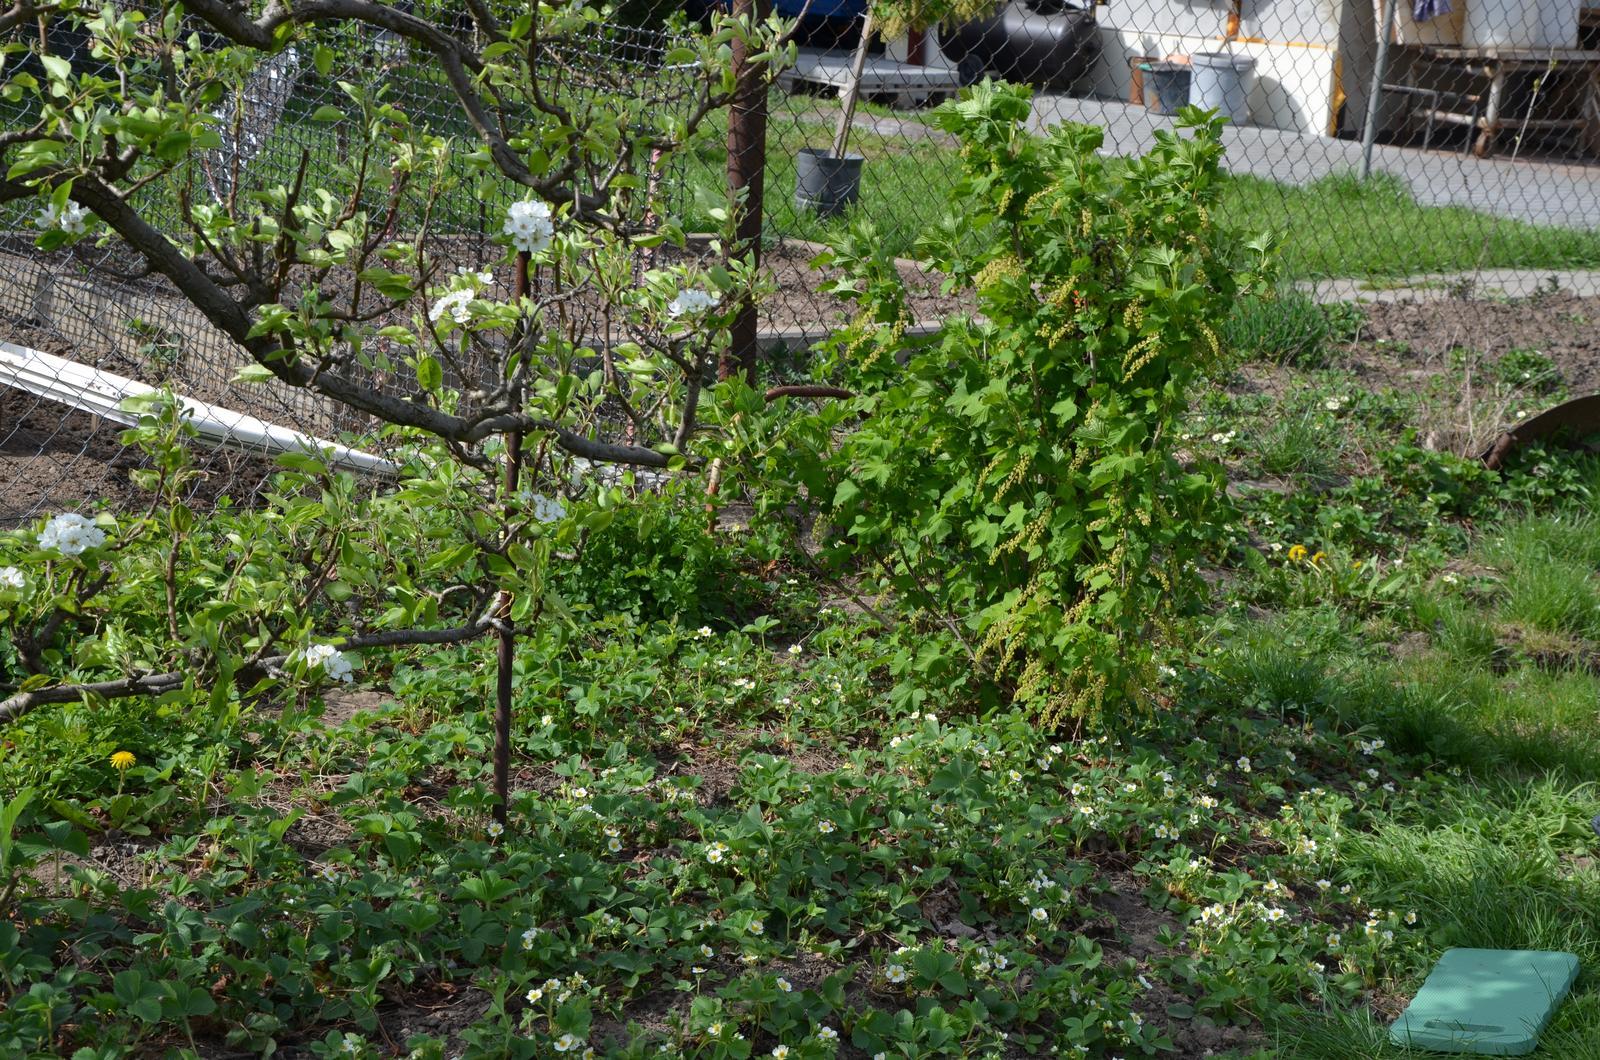 Vysněná zahrada... - vedle hrušně rybíz, prý červený, velmi starý a dobře plodí